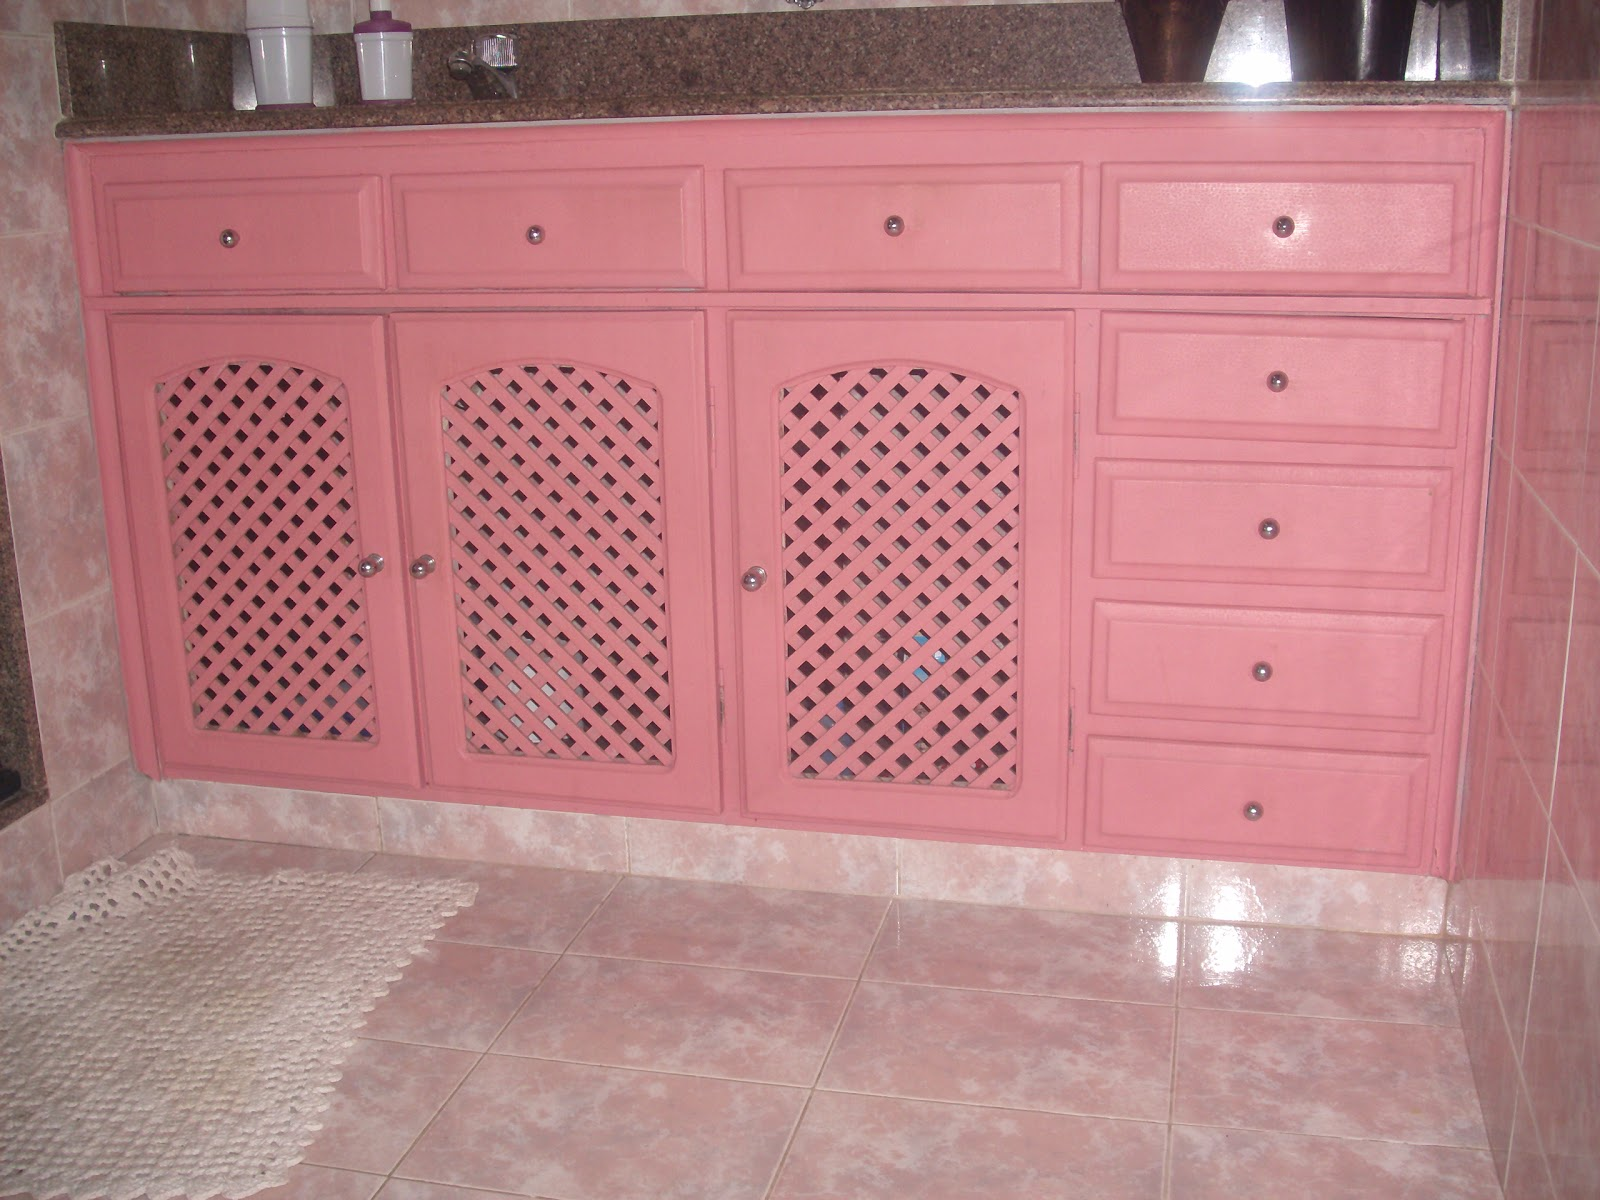 design a arte de decoração: Modelos de armários de banheiro #963541 1600x1200